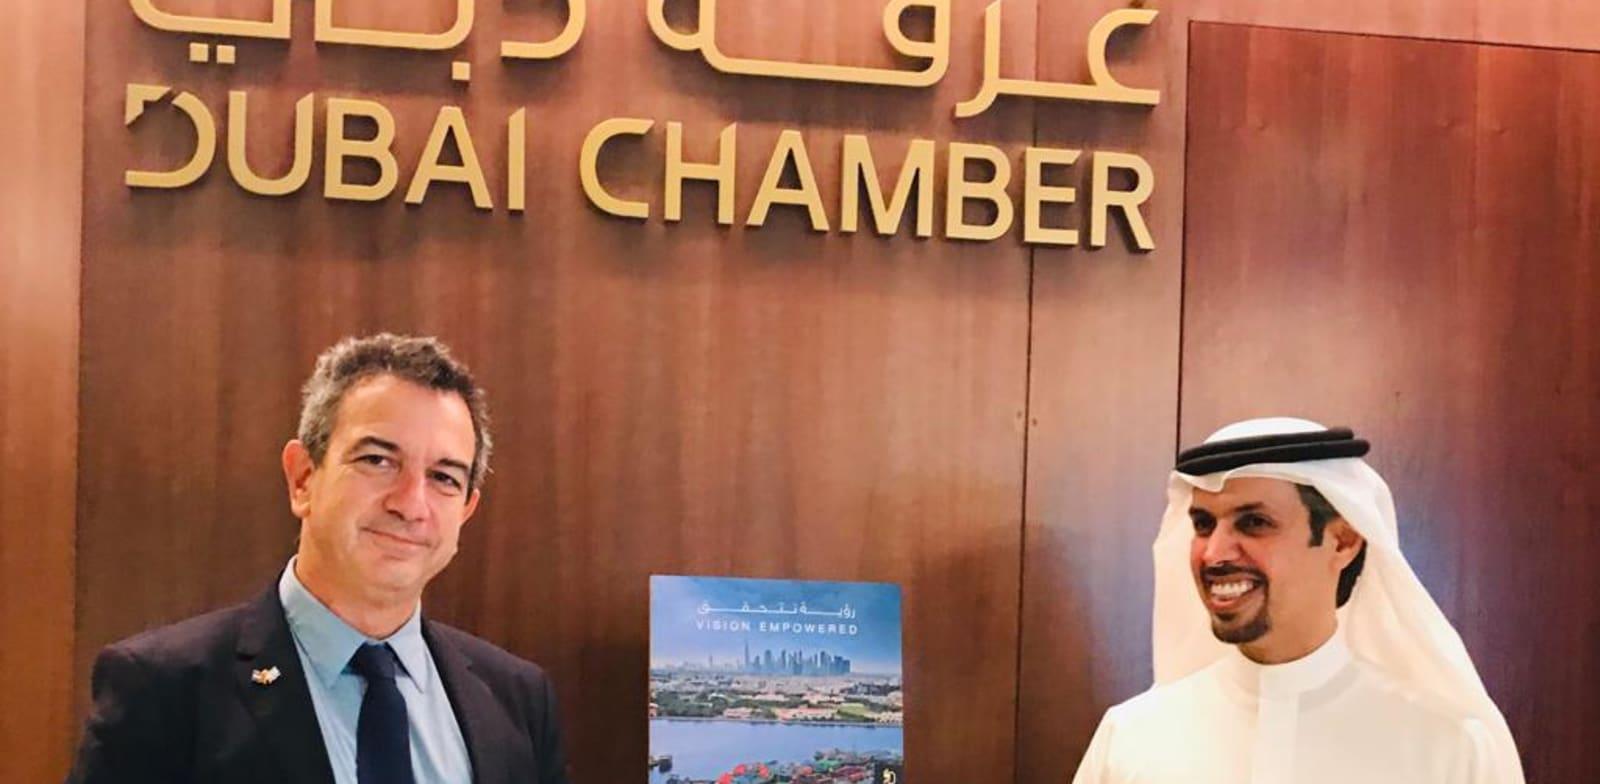 """נשיא ומנכ""""ל לשכת המסחר של דובאי, חמאד בועמים, ורון תומר, יו""""ר התאחדות התעשיינים / צילום: התאחדות התעשיינים"""